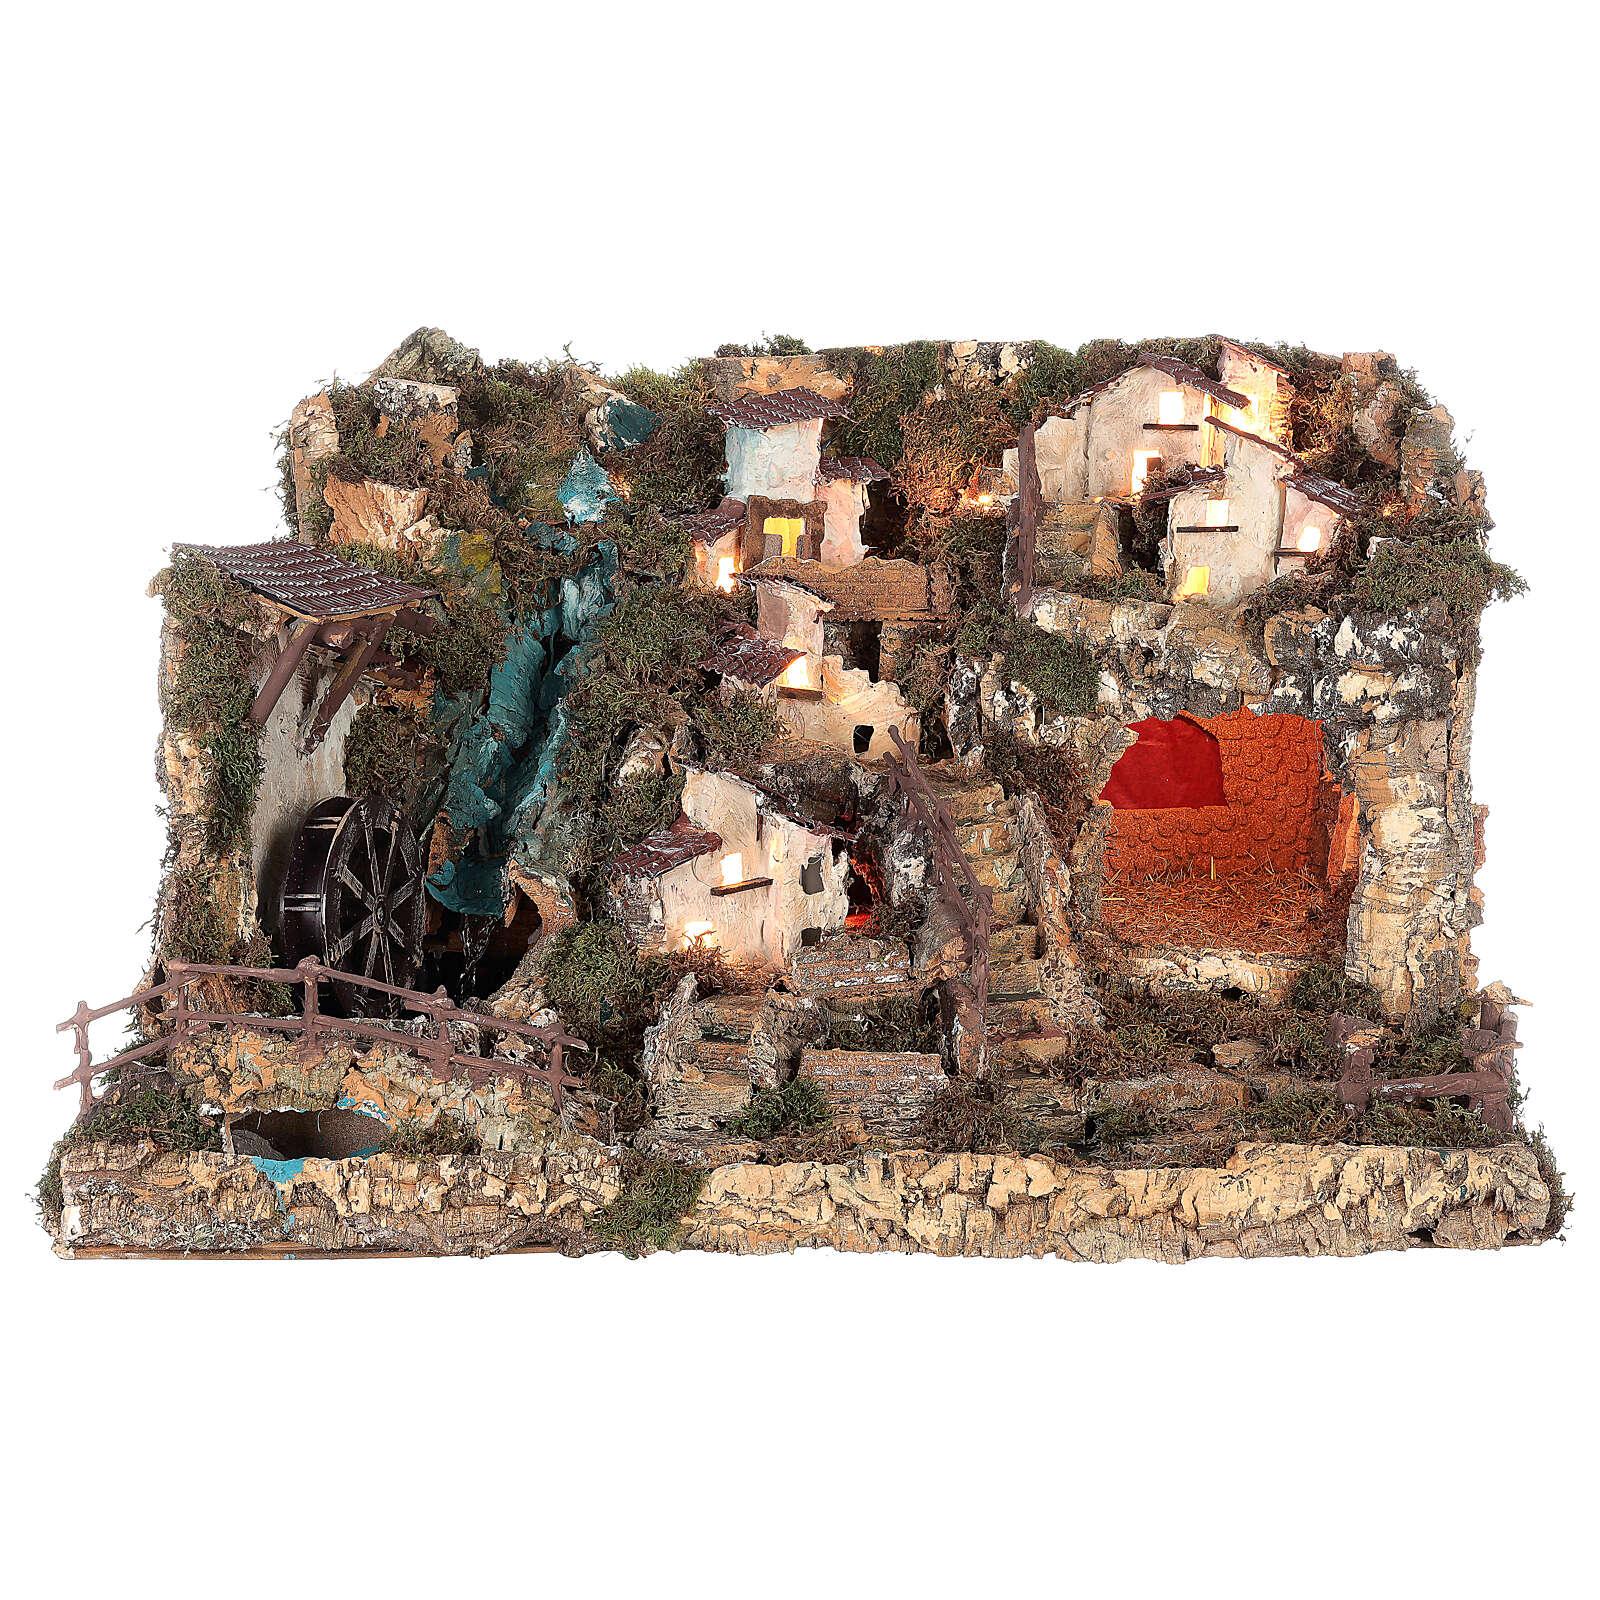 Portal de belén con luces, cascada, fuego y lago 56x76x48 cm. 4